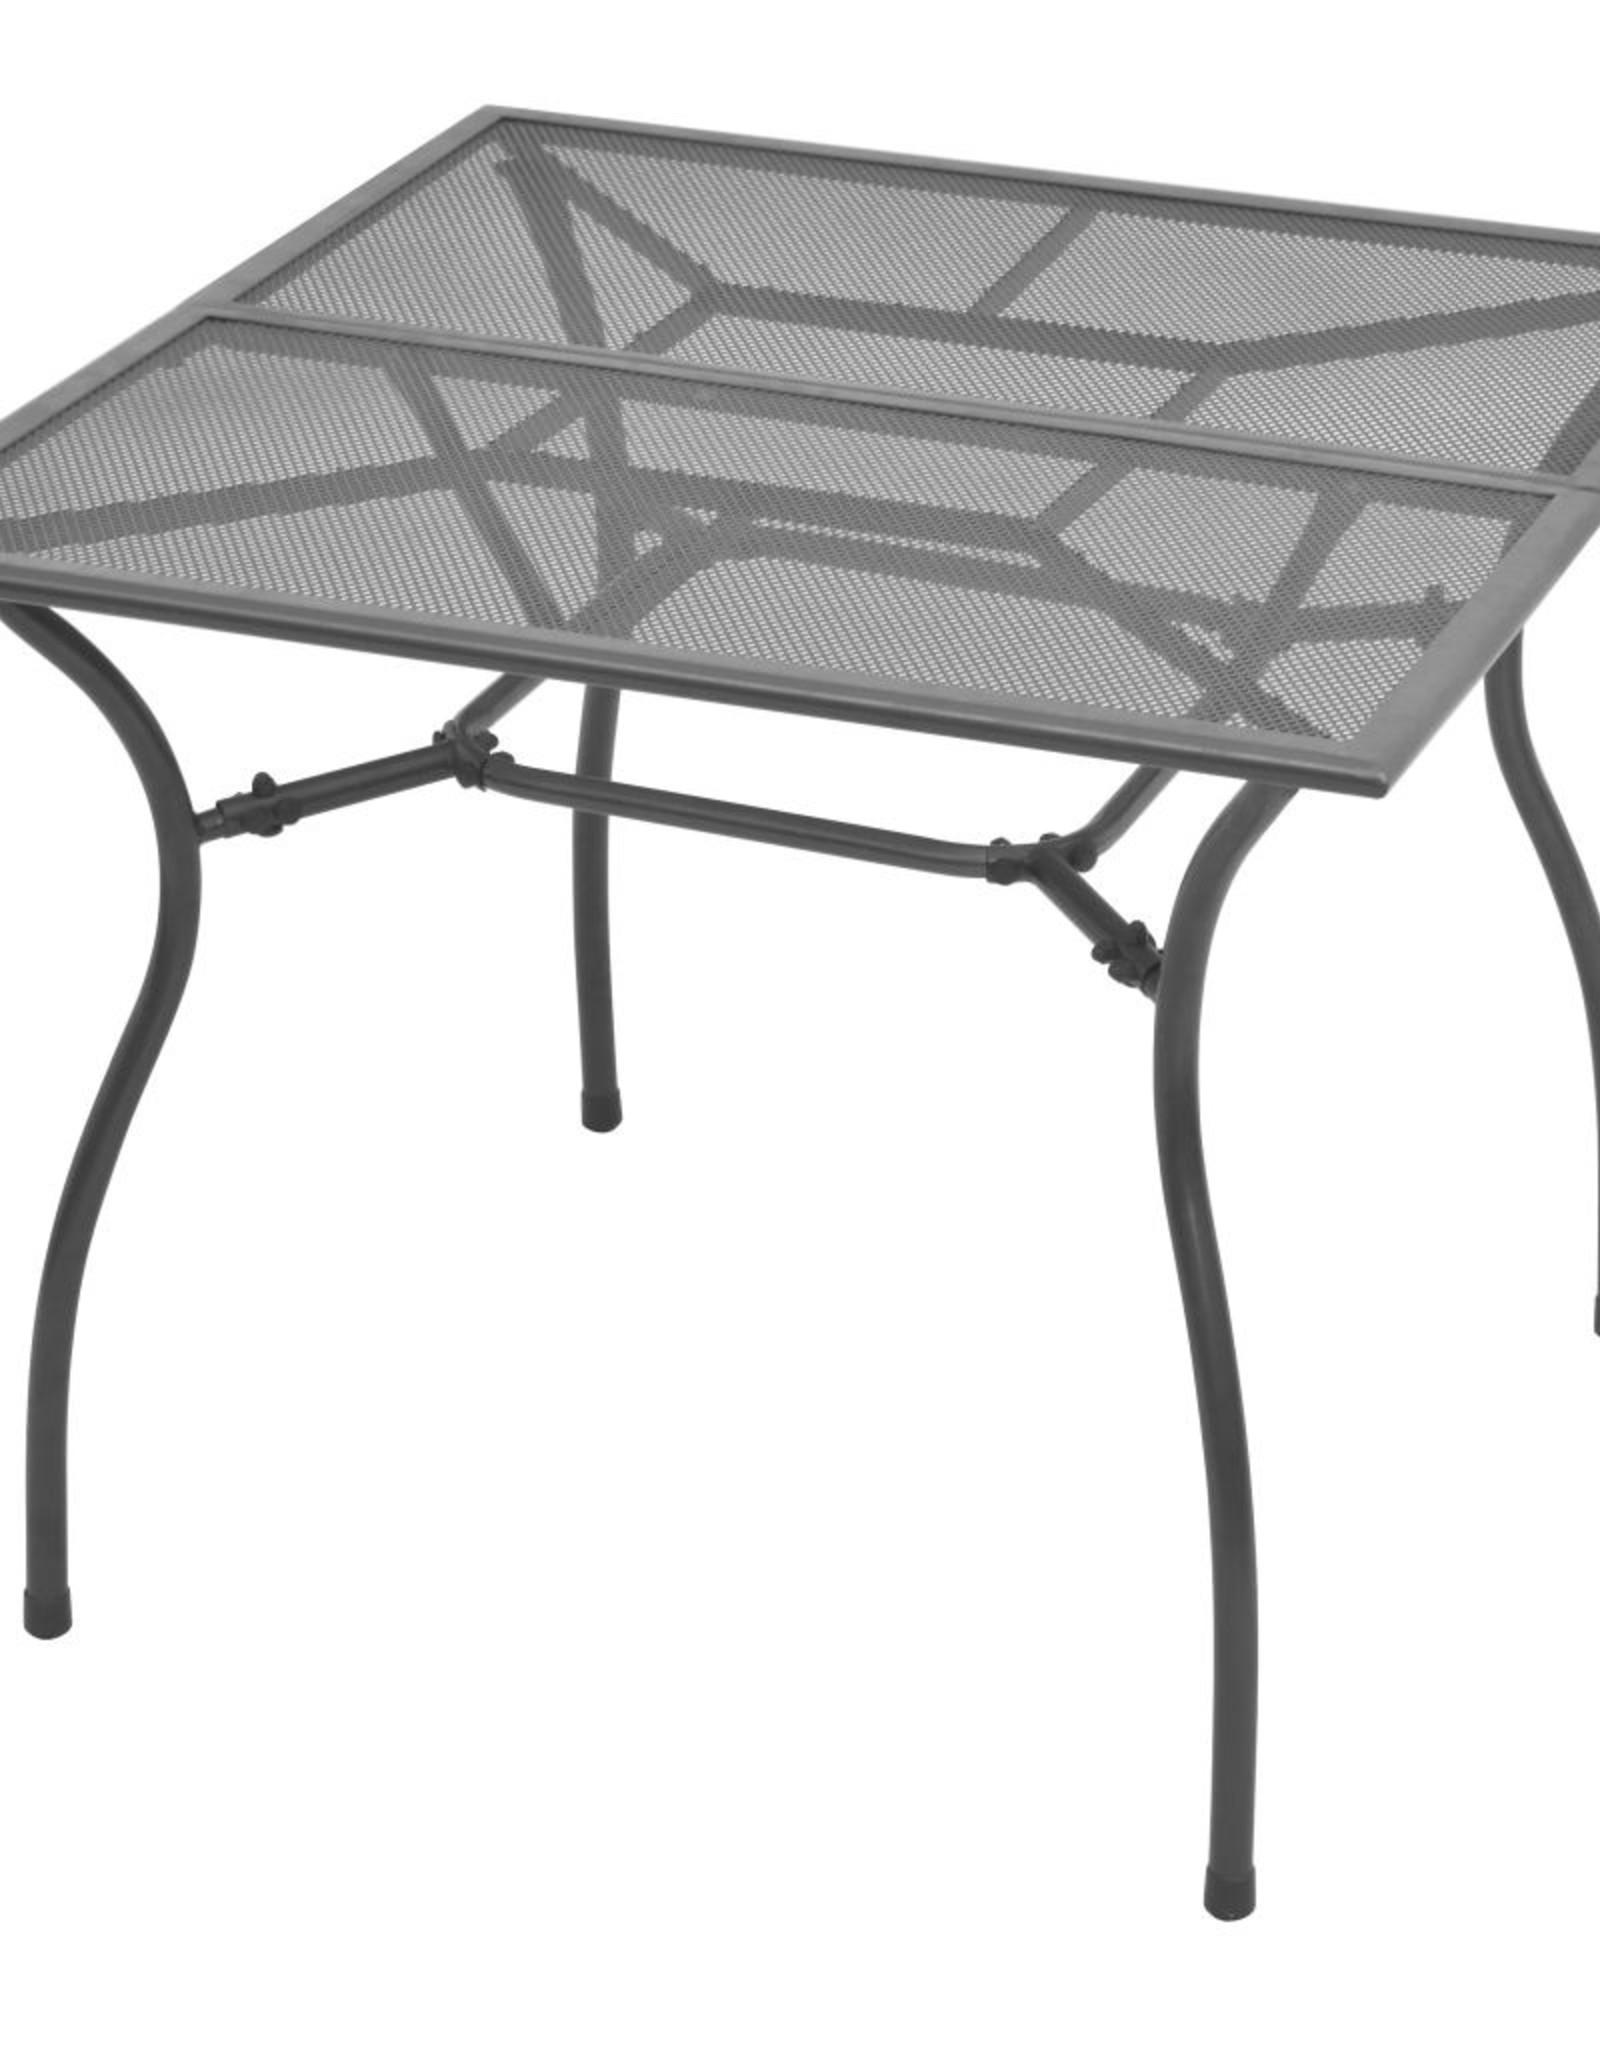 5-delige Tuinset met klapstoelen staal antraciet